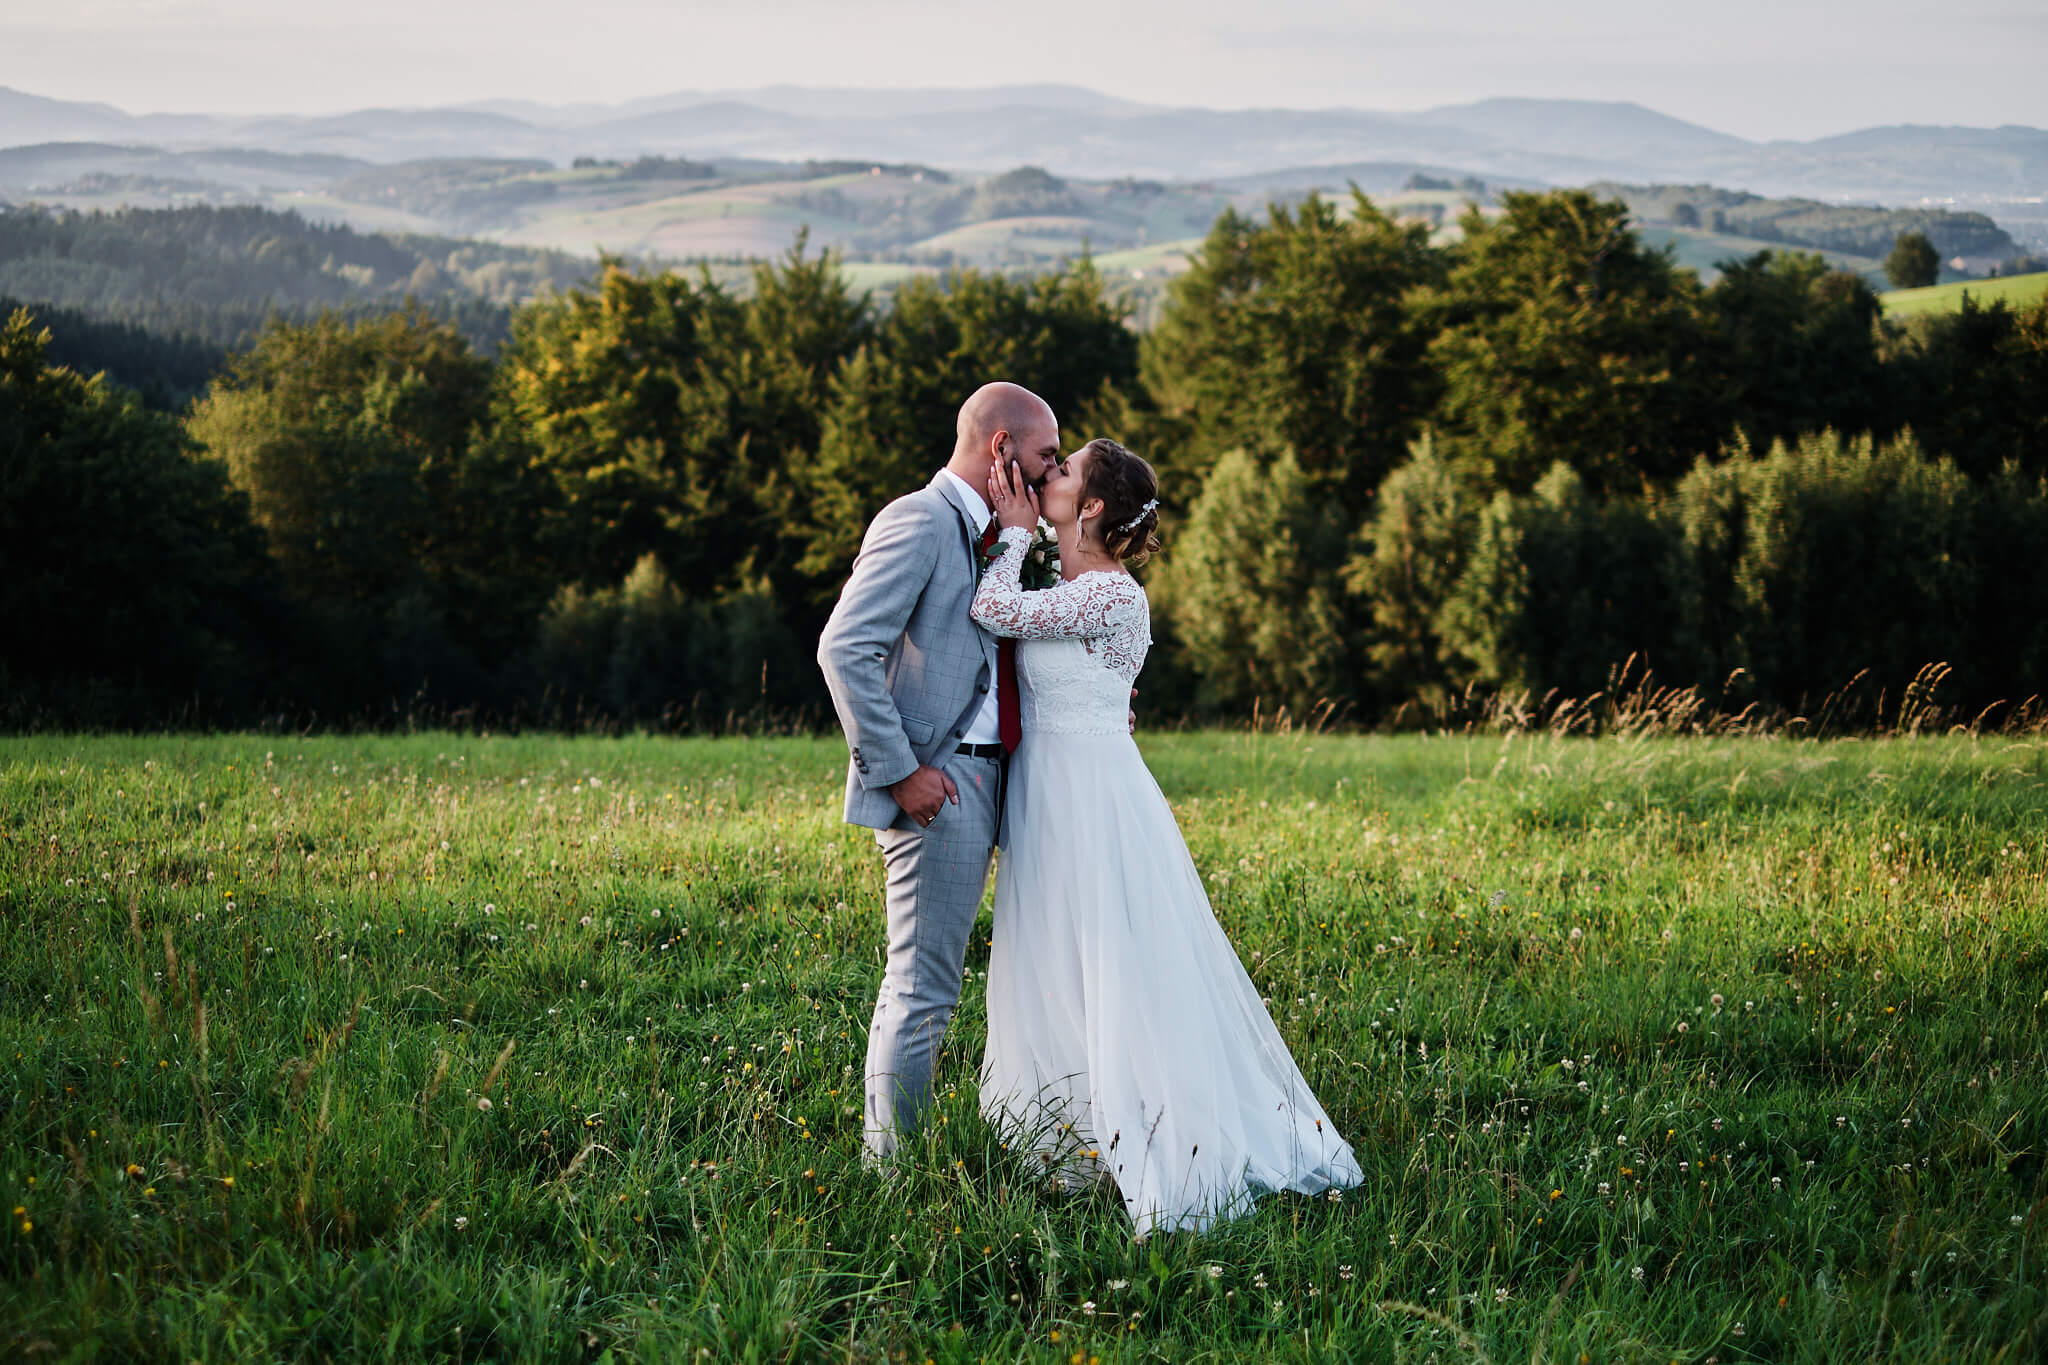 plener ślubny w górach Rytro.jpg